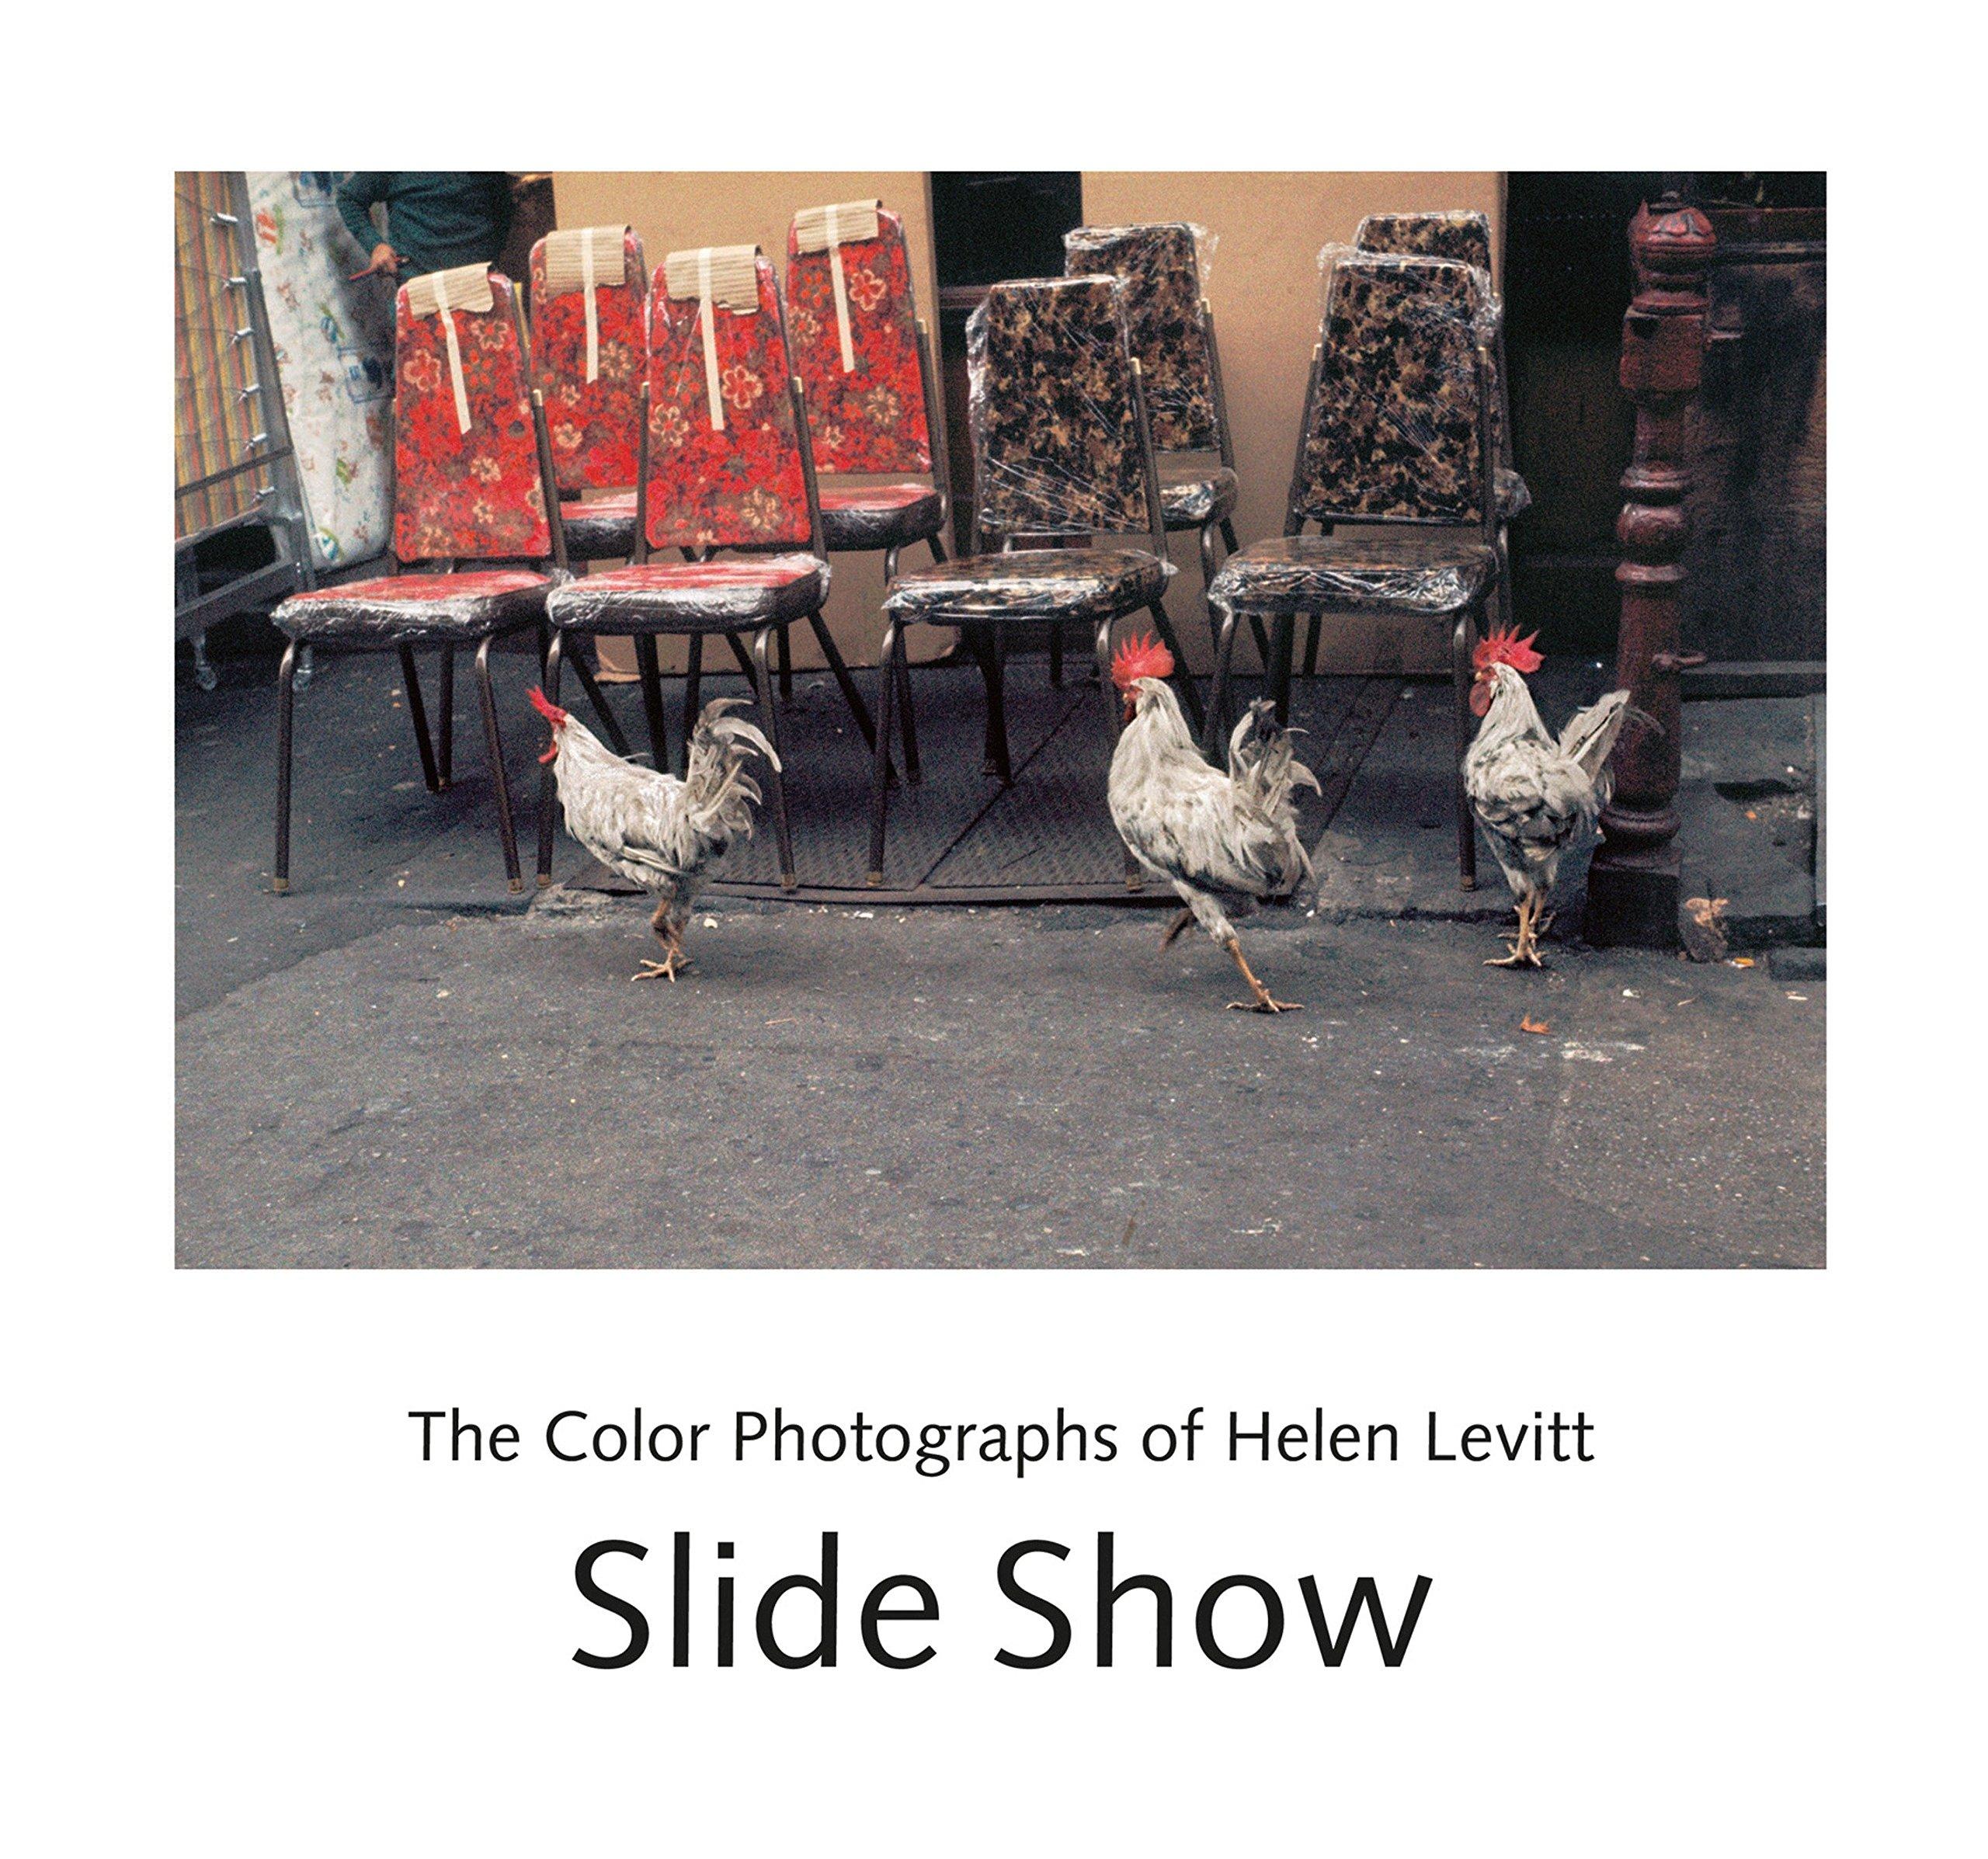 Slide Show: The Color Photographs of Helen Levitt PDF